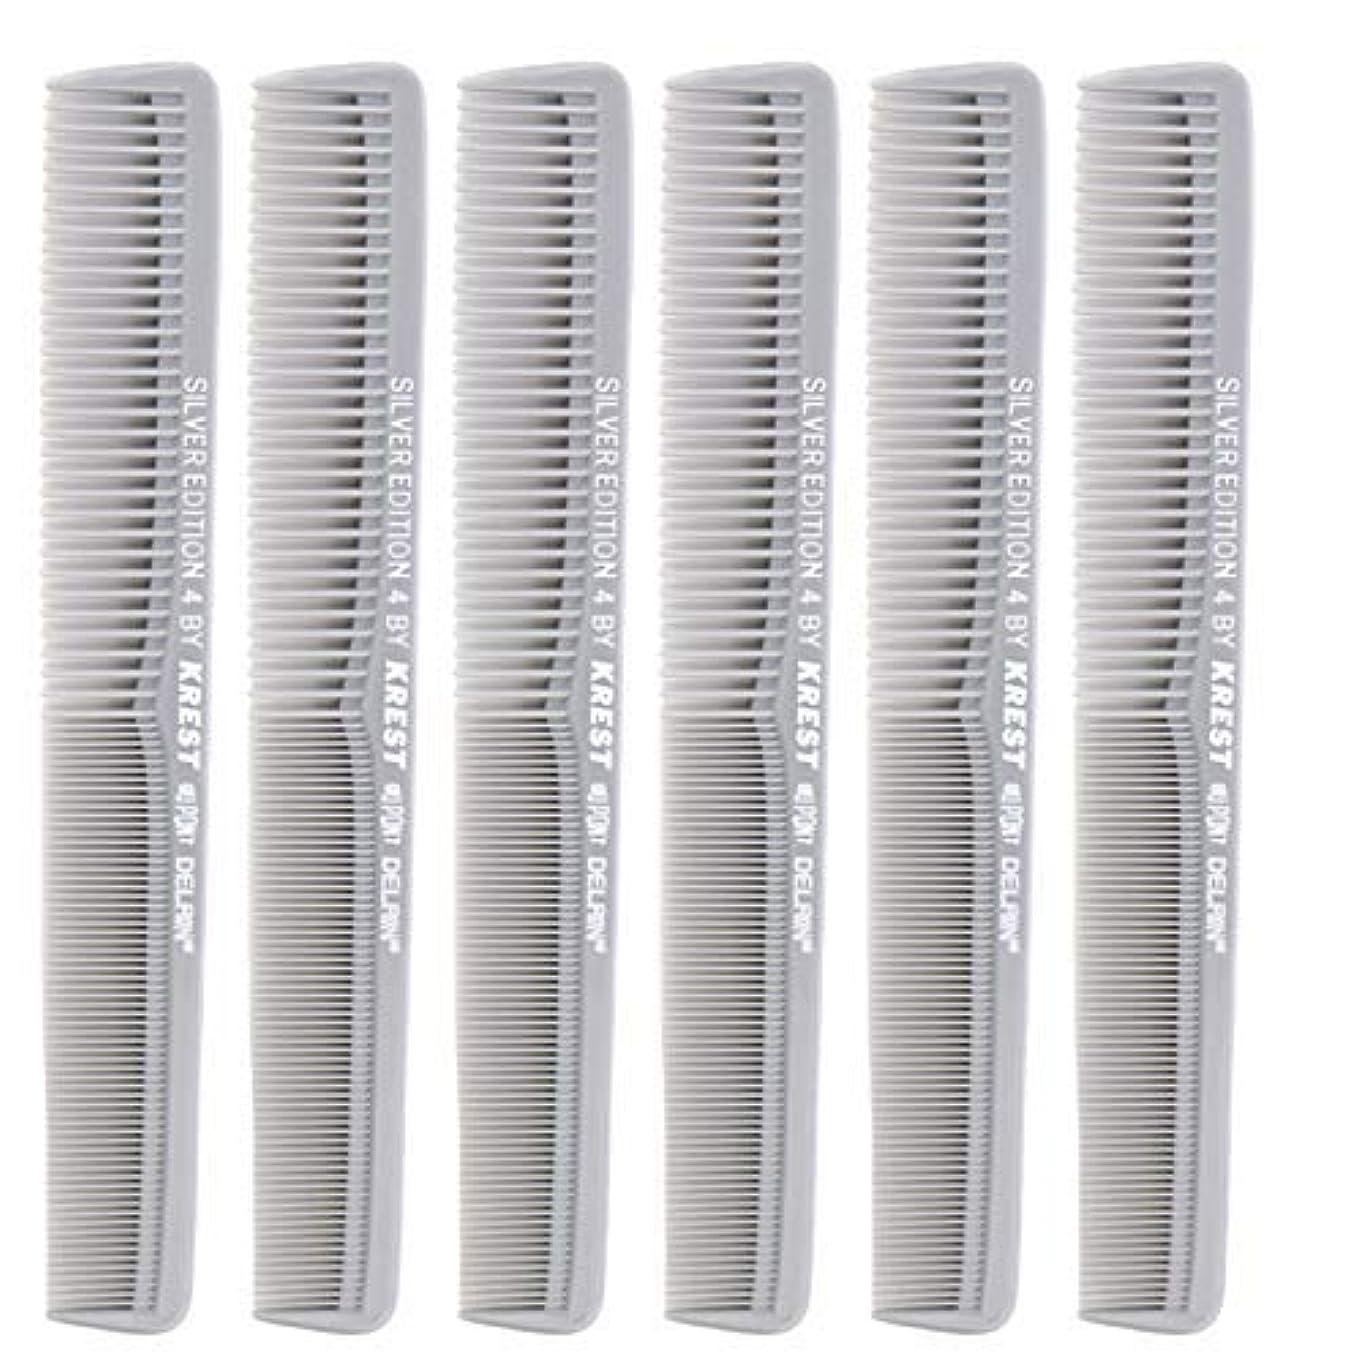 球状形容詞解釈7 In. Silver Edition Heat Resistant All Purpose Hair Comb Model #4 Krest Comb, [並行輸入品]